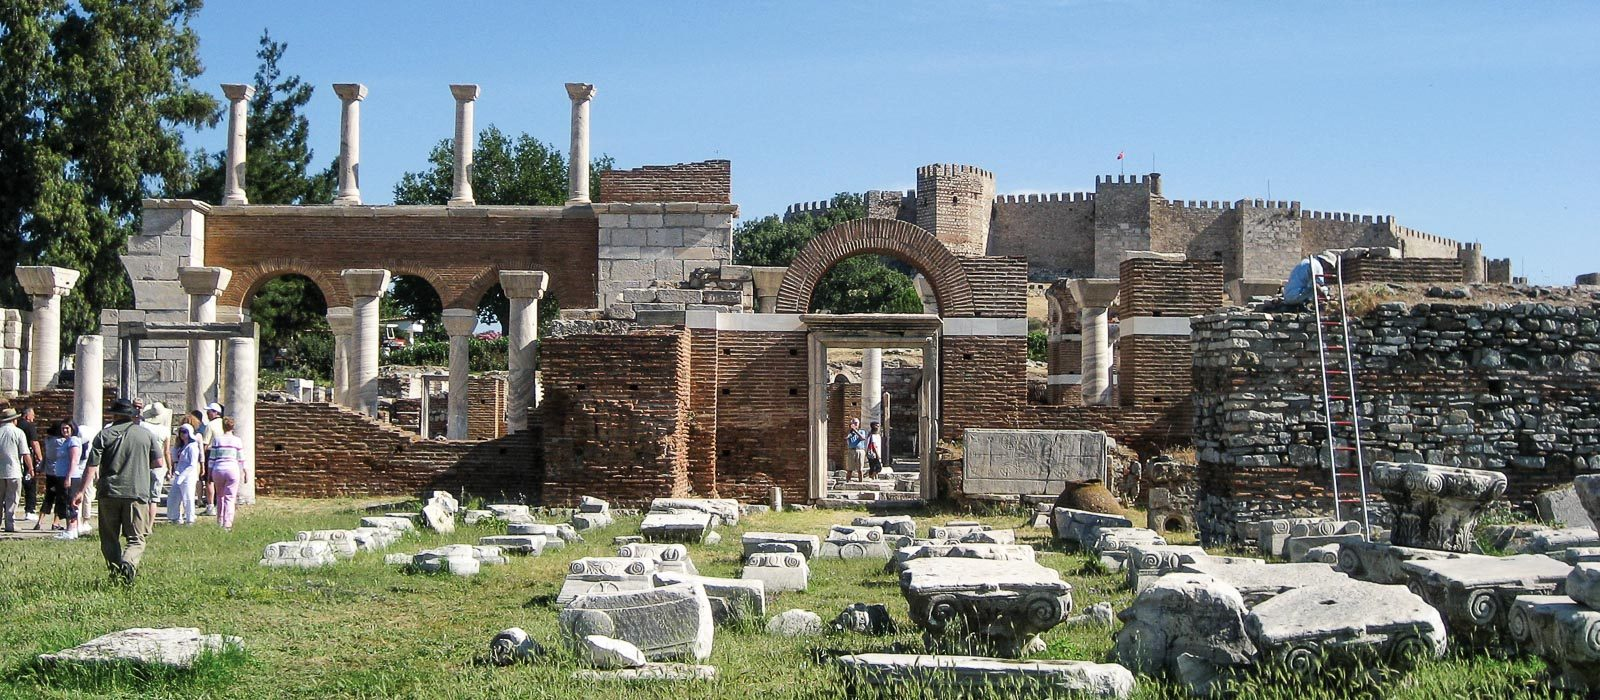 Đến Ephesus, khám phá nền văn minh La Mã cổ đại